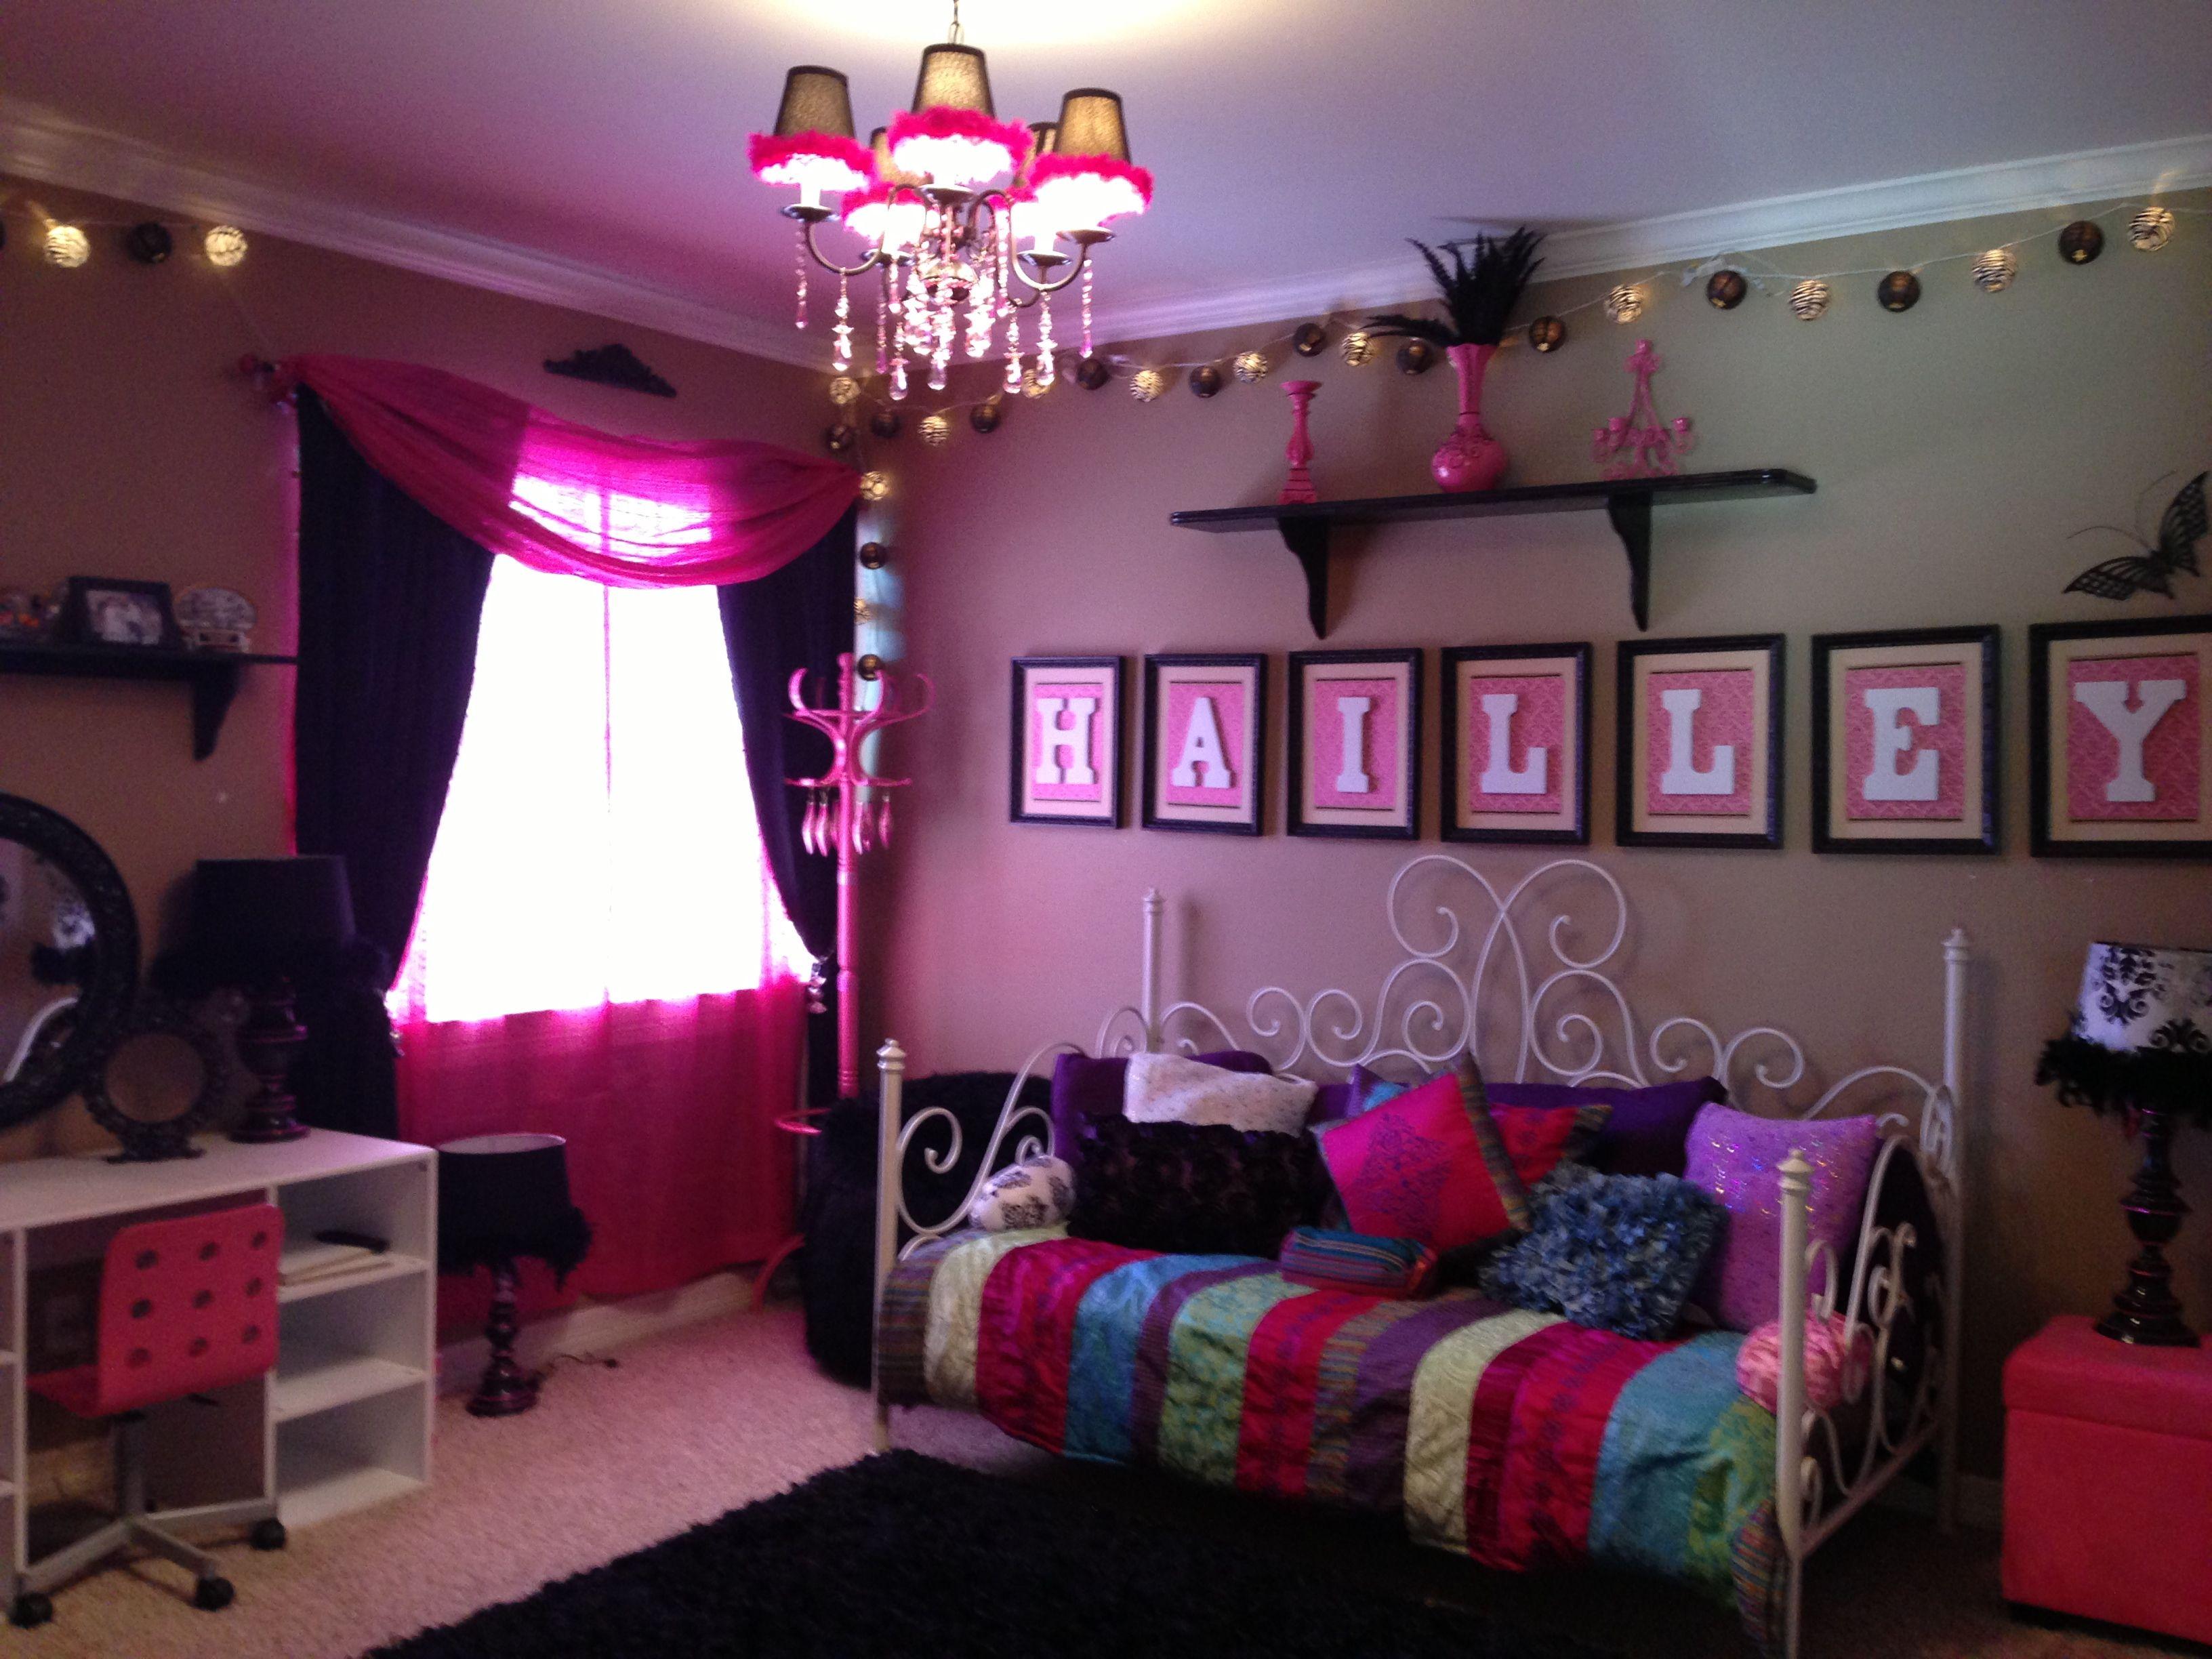 Cuartos espejos pinterest cuartos decorados - Cuartos decorados ...